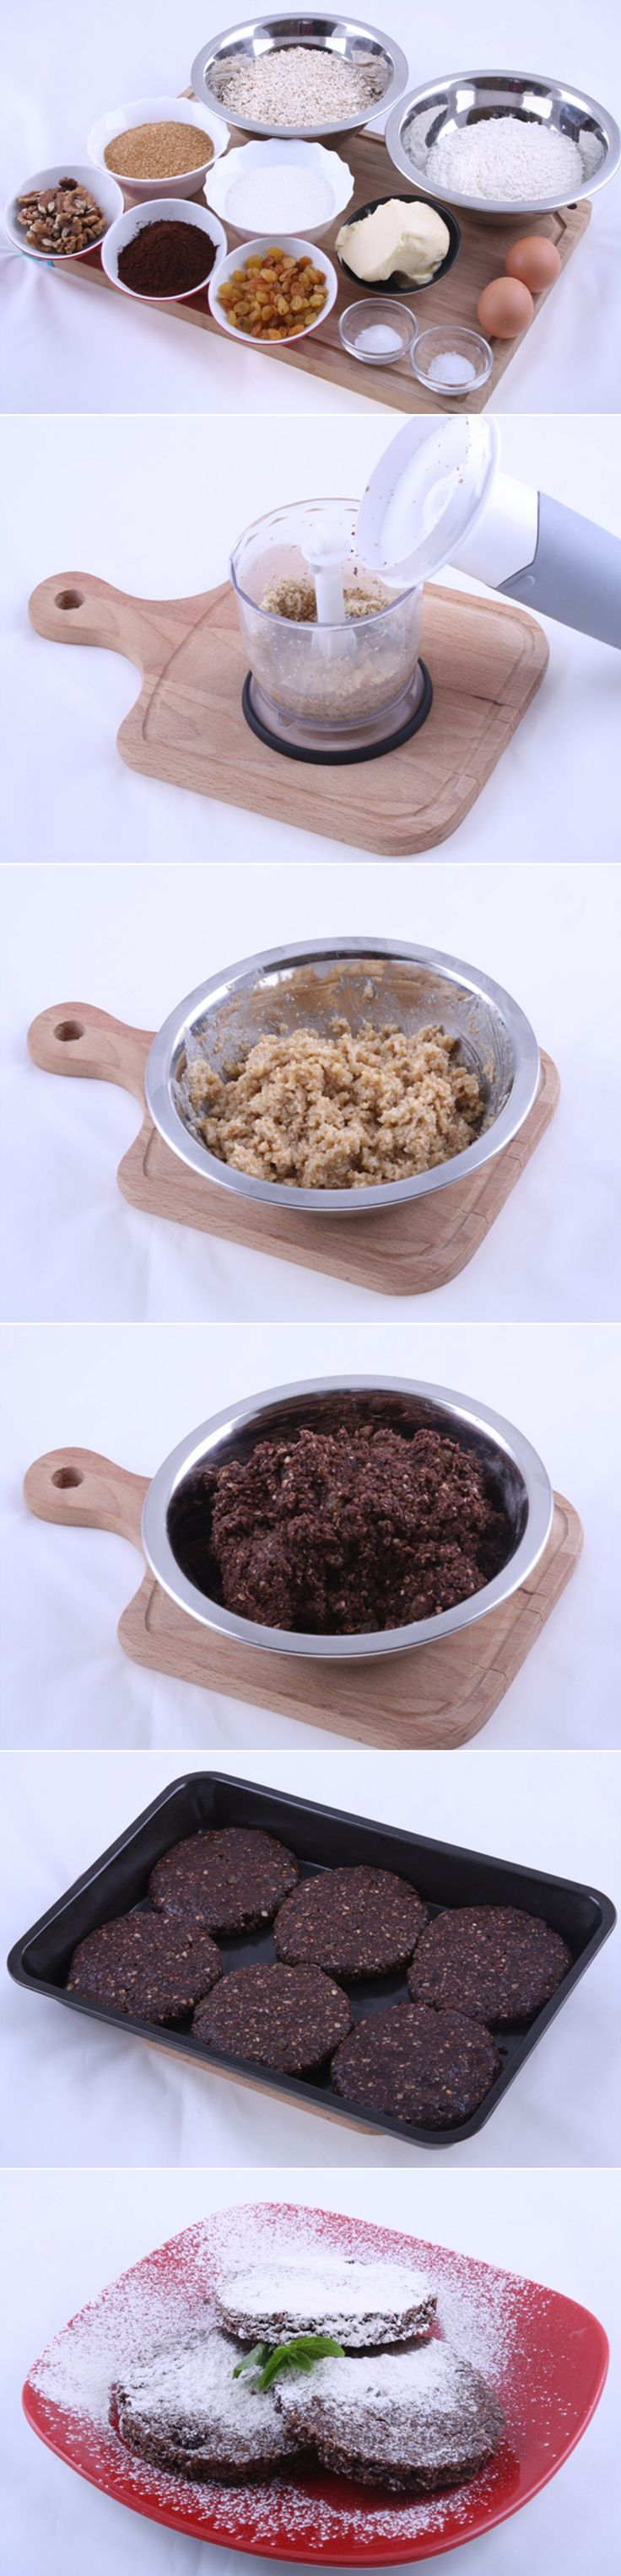 Шоколадно-овсяное печенье, что может быть лучше для приятного чаепития! Домашнее печенье не потребует от вас огромных кулинарных навыков и будет под силу любой хозяйке. Простое, мягкое и очень вкусное печенье с невероятным ароматом! Ингредиенты и рецепт...http://vk.com/dinnerday; http://instagram.com/dinnerday #десерт #кулинария #печенье #какао #овсяное #еда #рецепт #dinnerday #food #cook #recipe #dessert #cookery #cookie #cacao